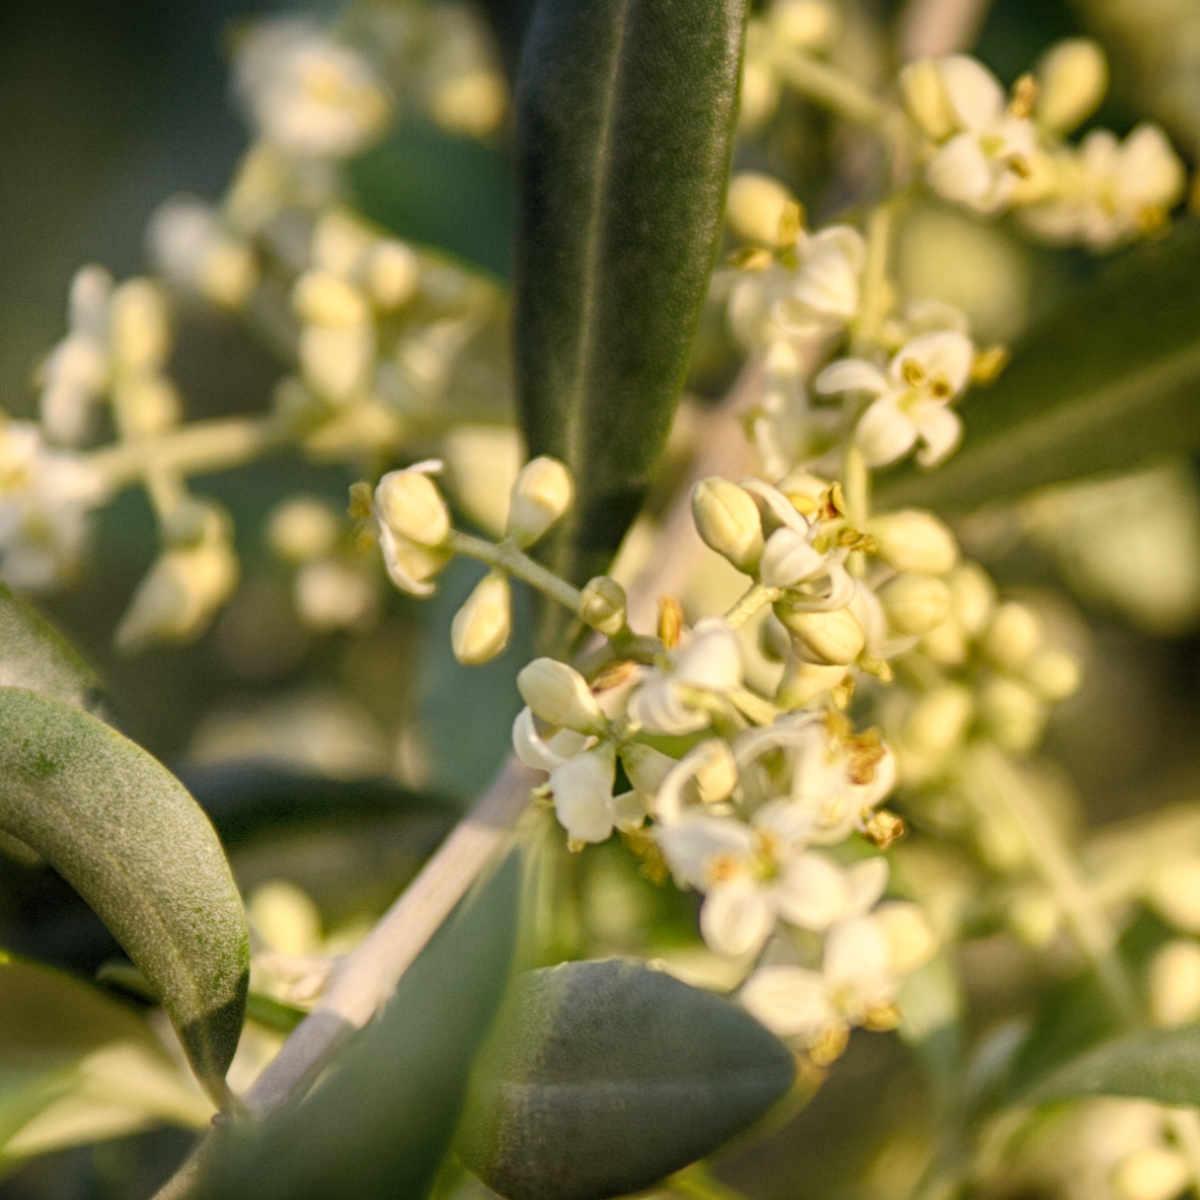 Olivo in fiore